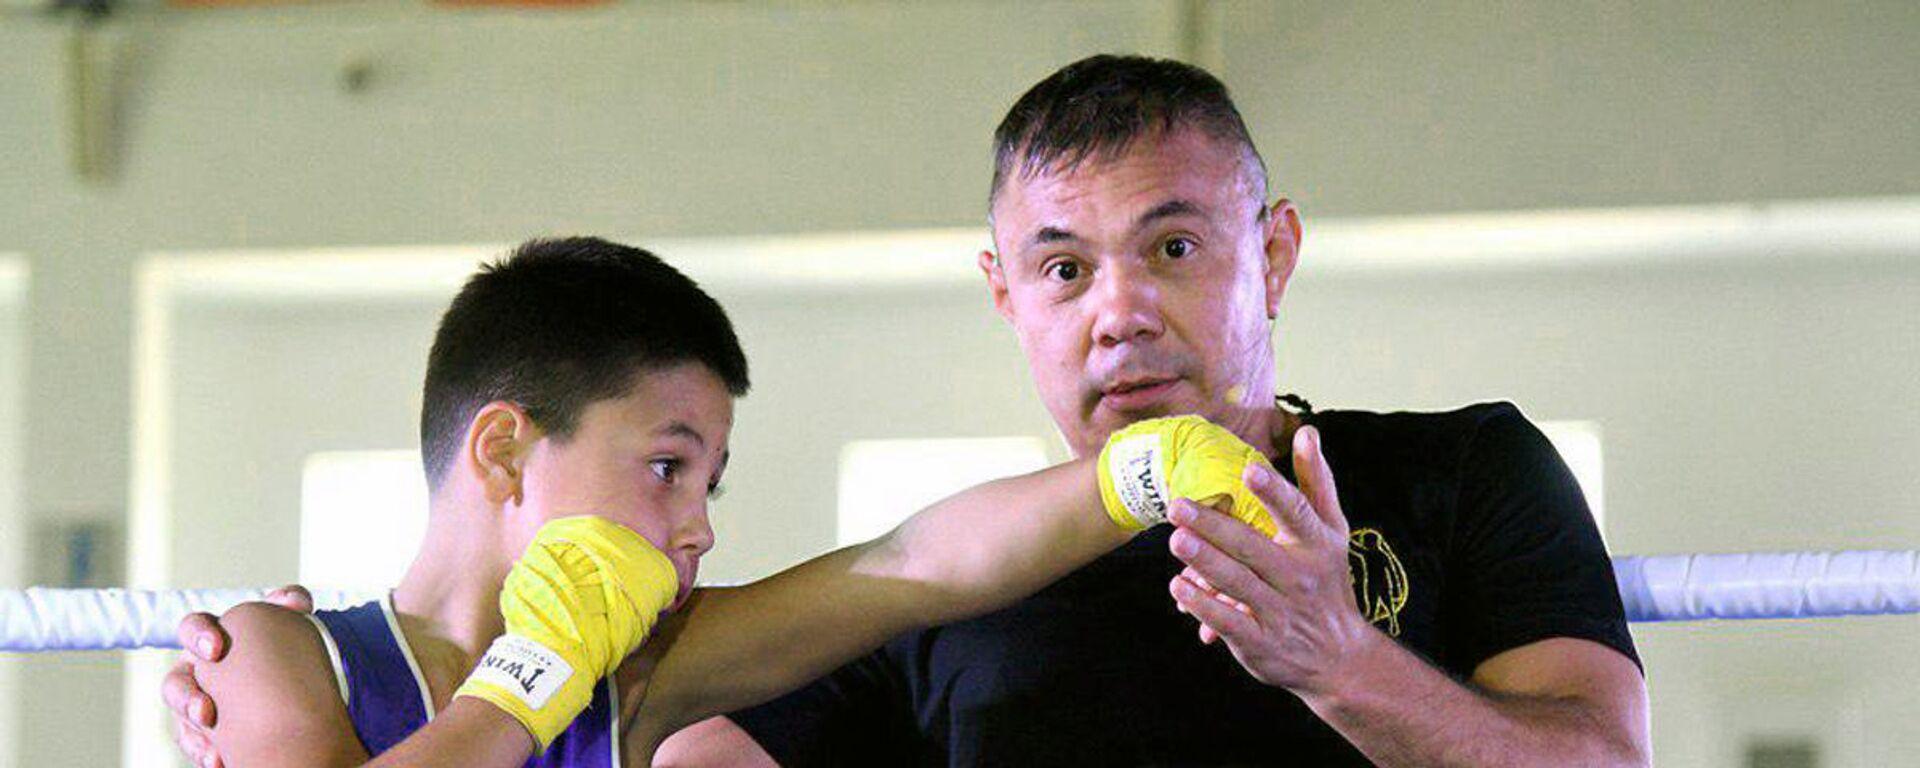 Eks-chempion mira po boksu Konstantin Tszyu provel master-klass v Tashkente - Sputnik Oʻzbekiston, 1920, 09.09.2021